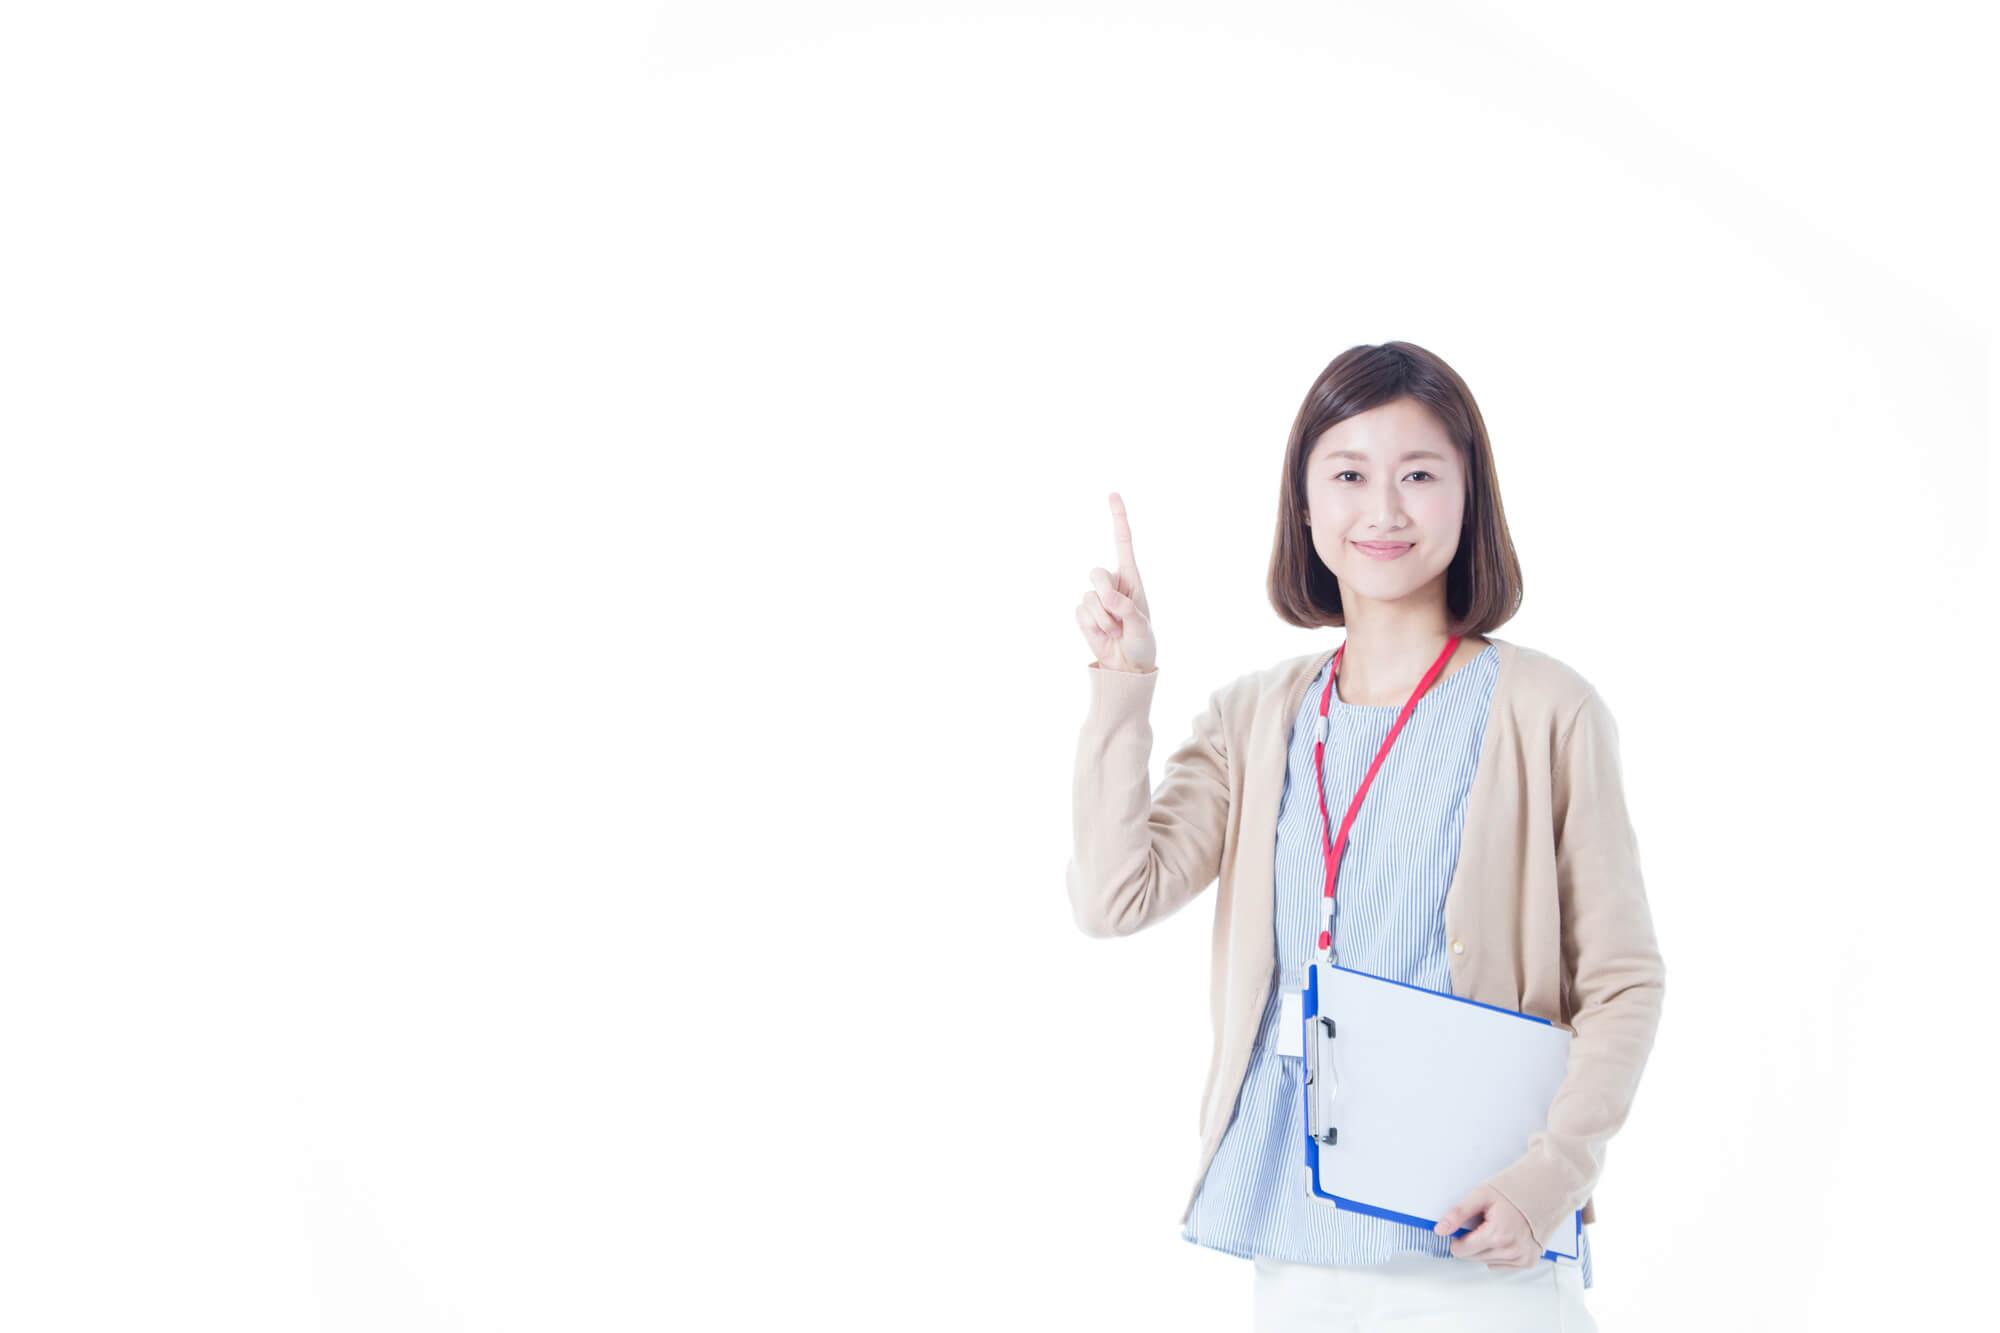 主婦主夫:バイト履歴書の学歴・職歴の書き方